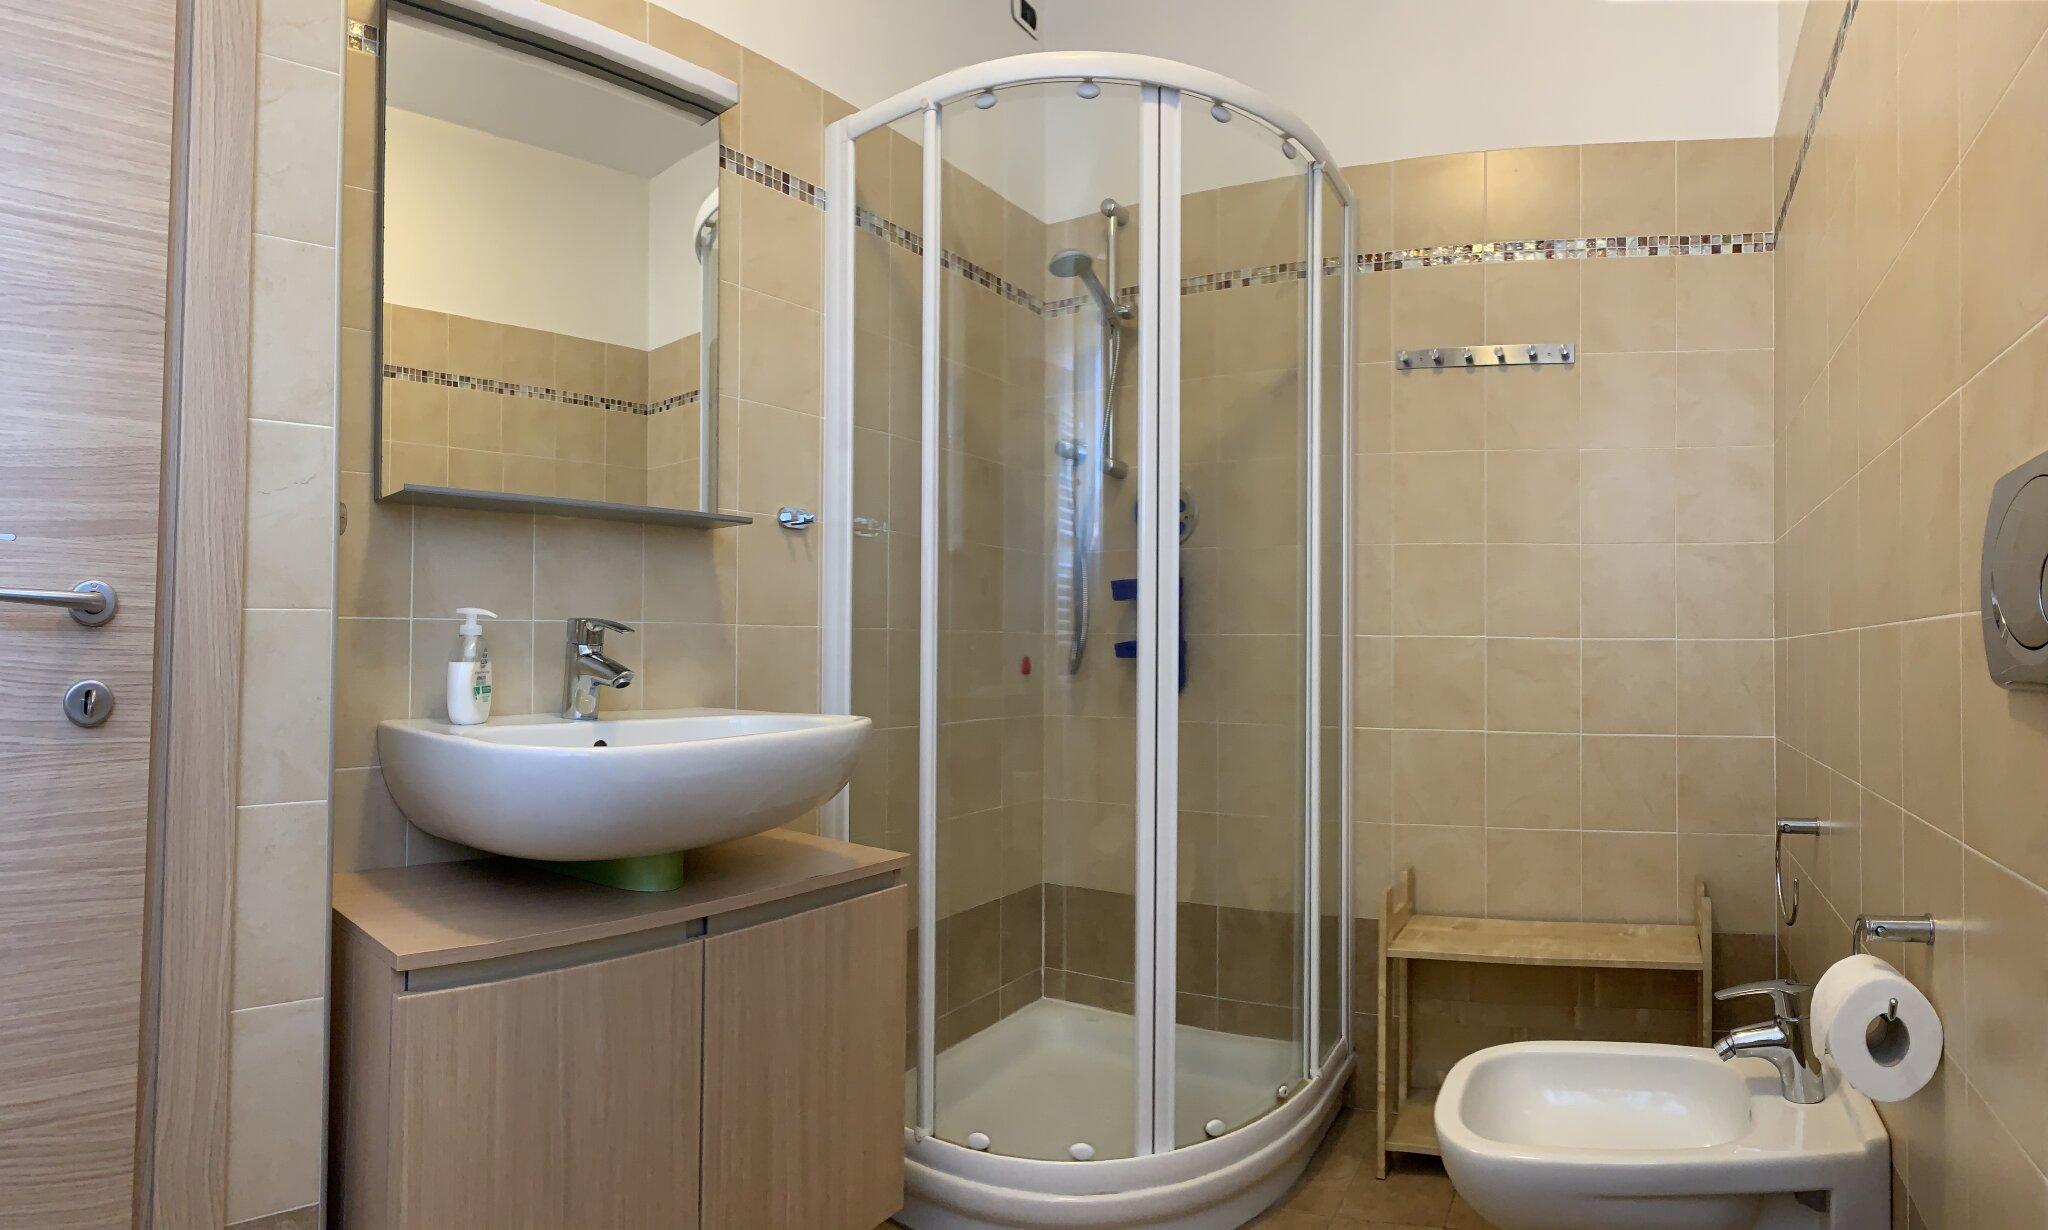 Bad mit Dusche, WC, BD u. Waschmaschine